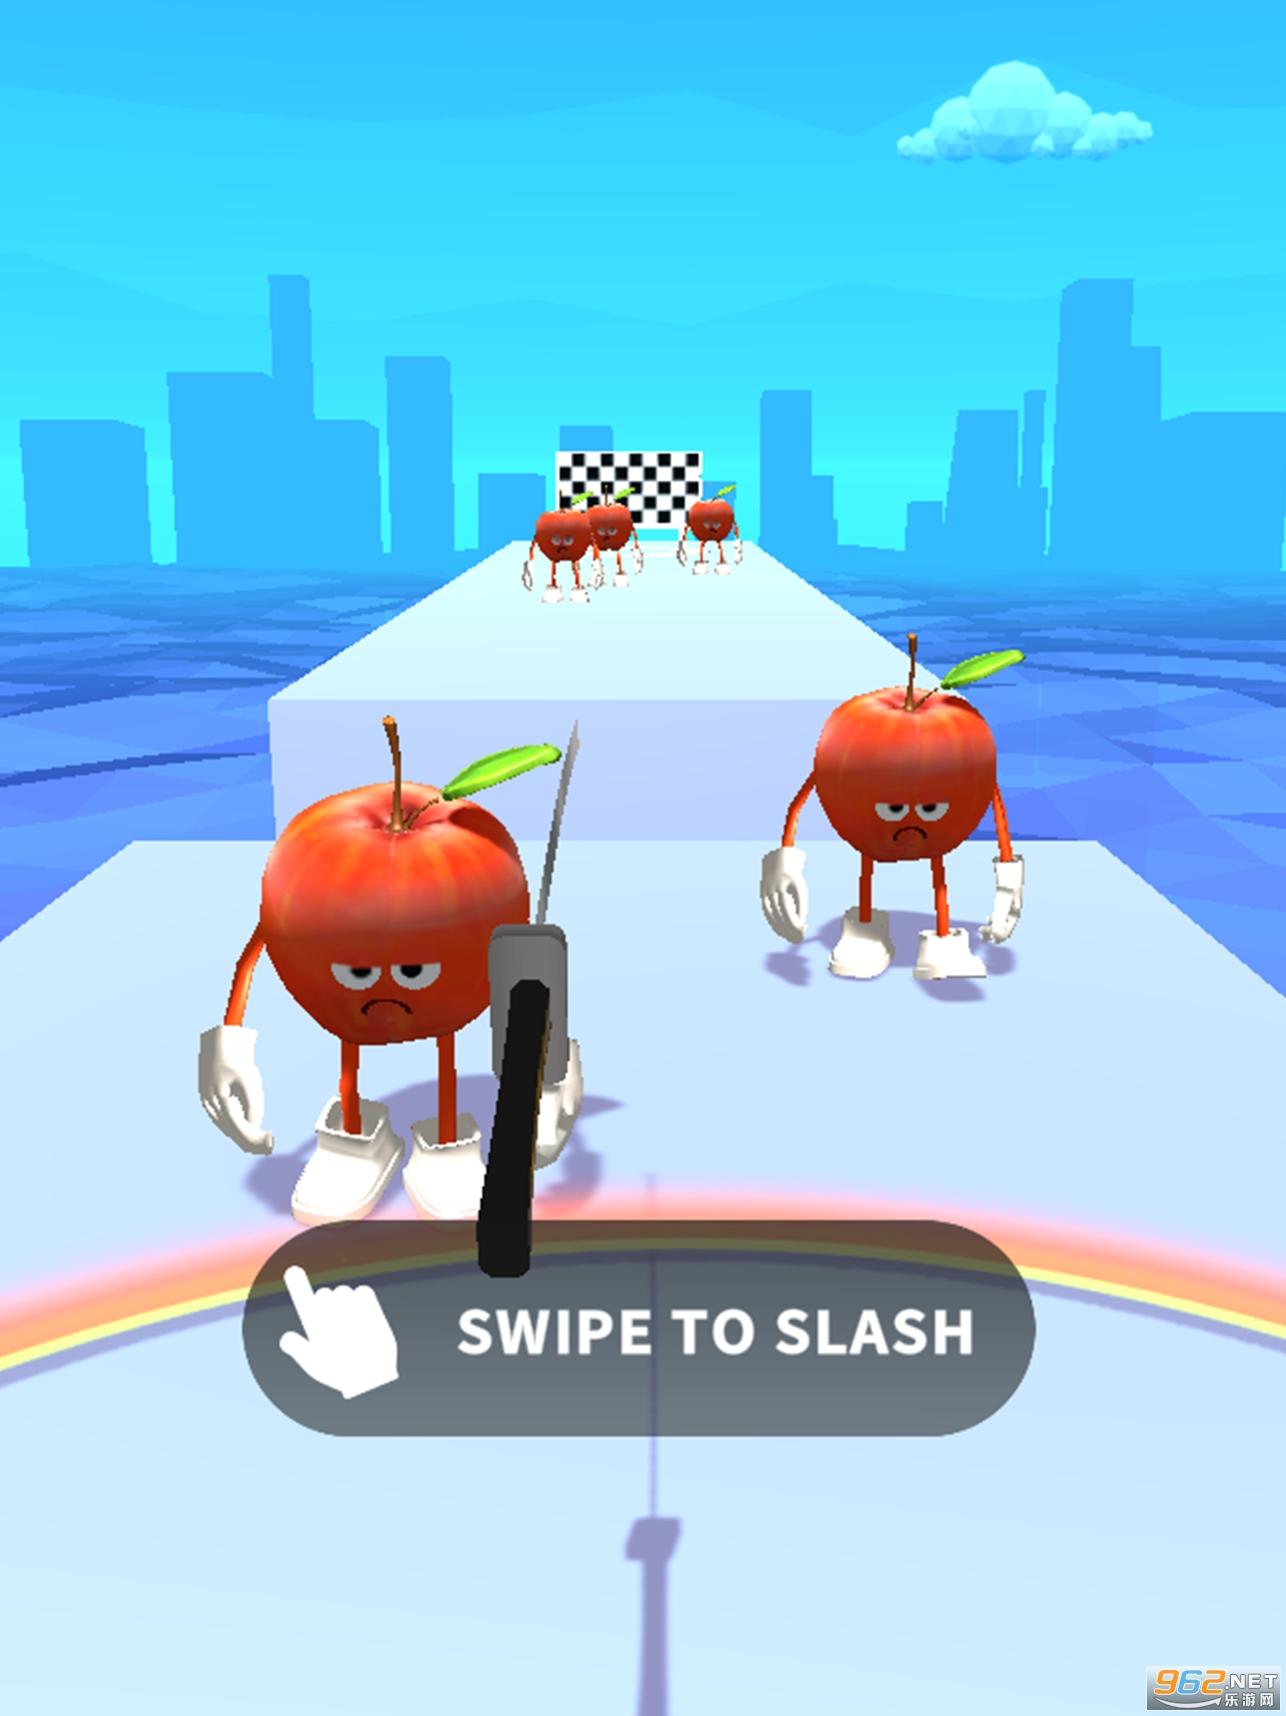 乱斩大师3D游戏Slash Masters 3Dv1.2 免费版截图3